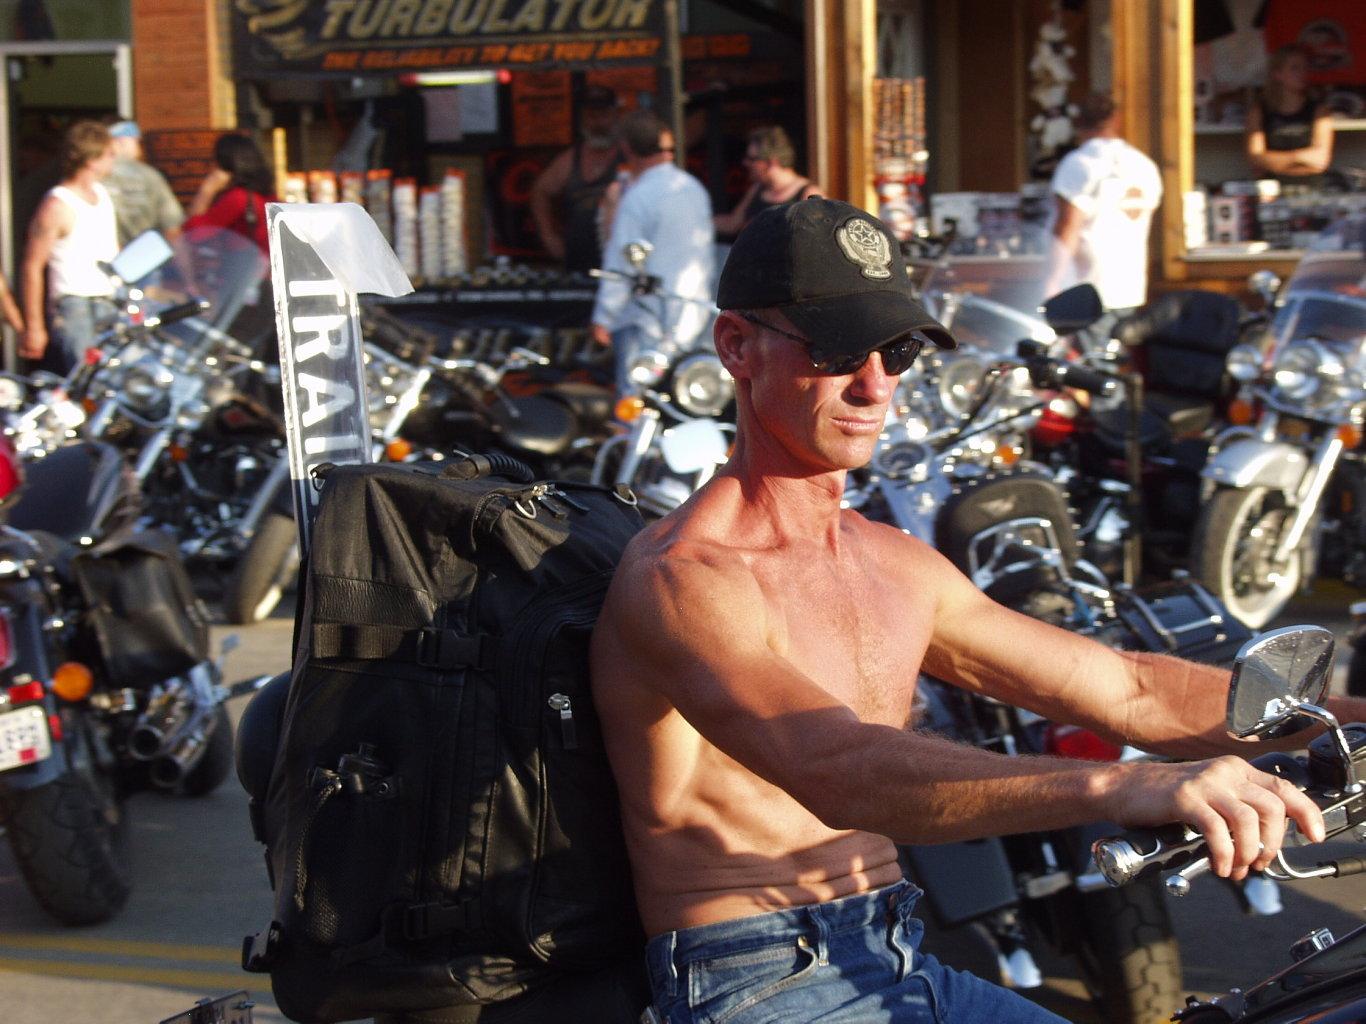 barechested biker